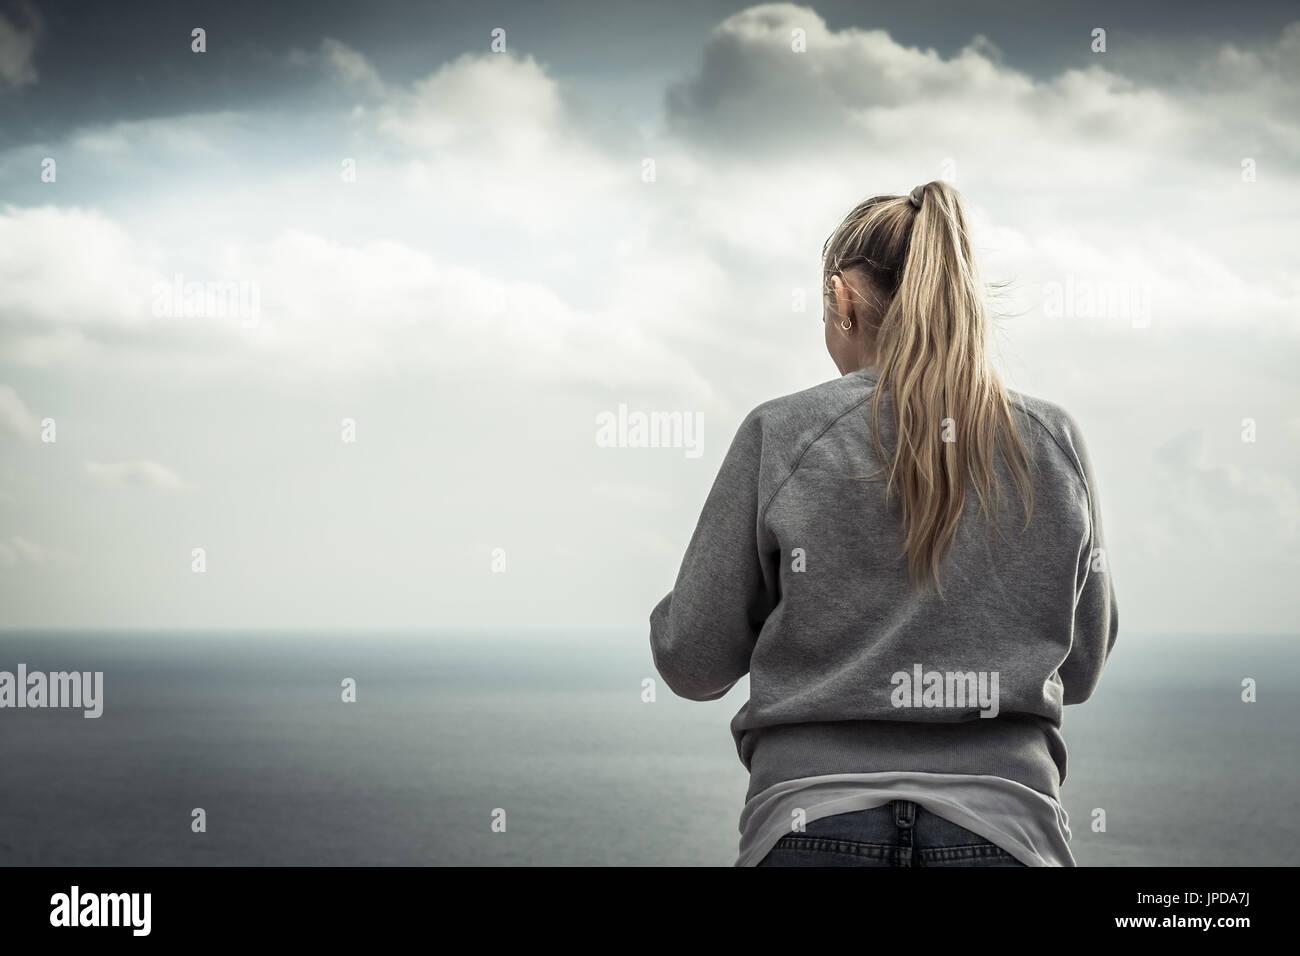 Bionda e giovane donna sorridente ritratto con sfocata paesaggio delle montagne sullo sfondo in nuvoloso giorno Immagini Stock